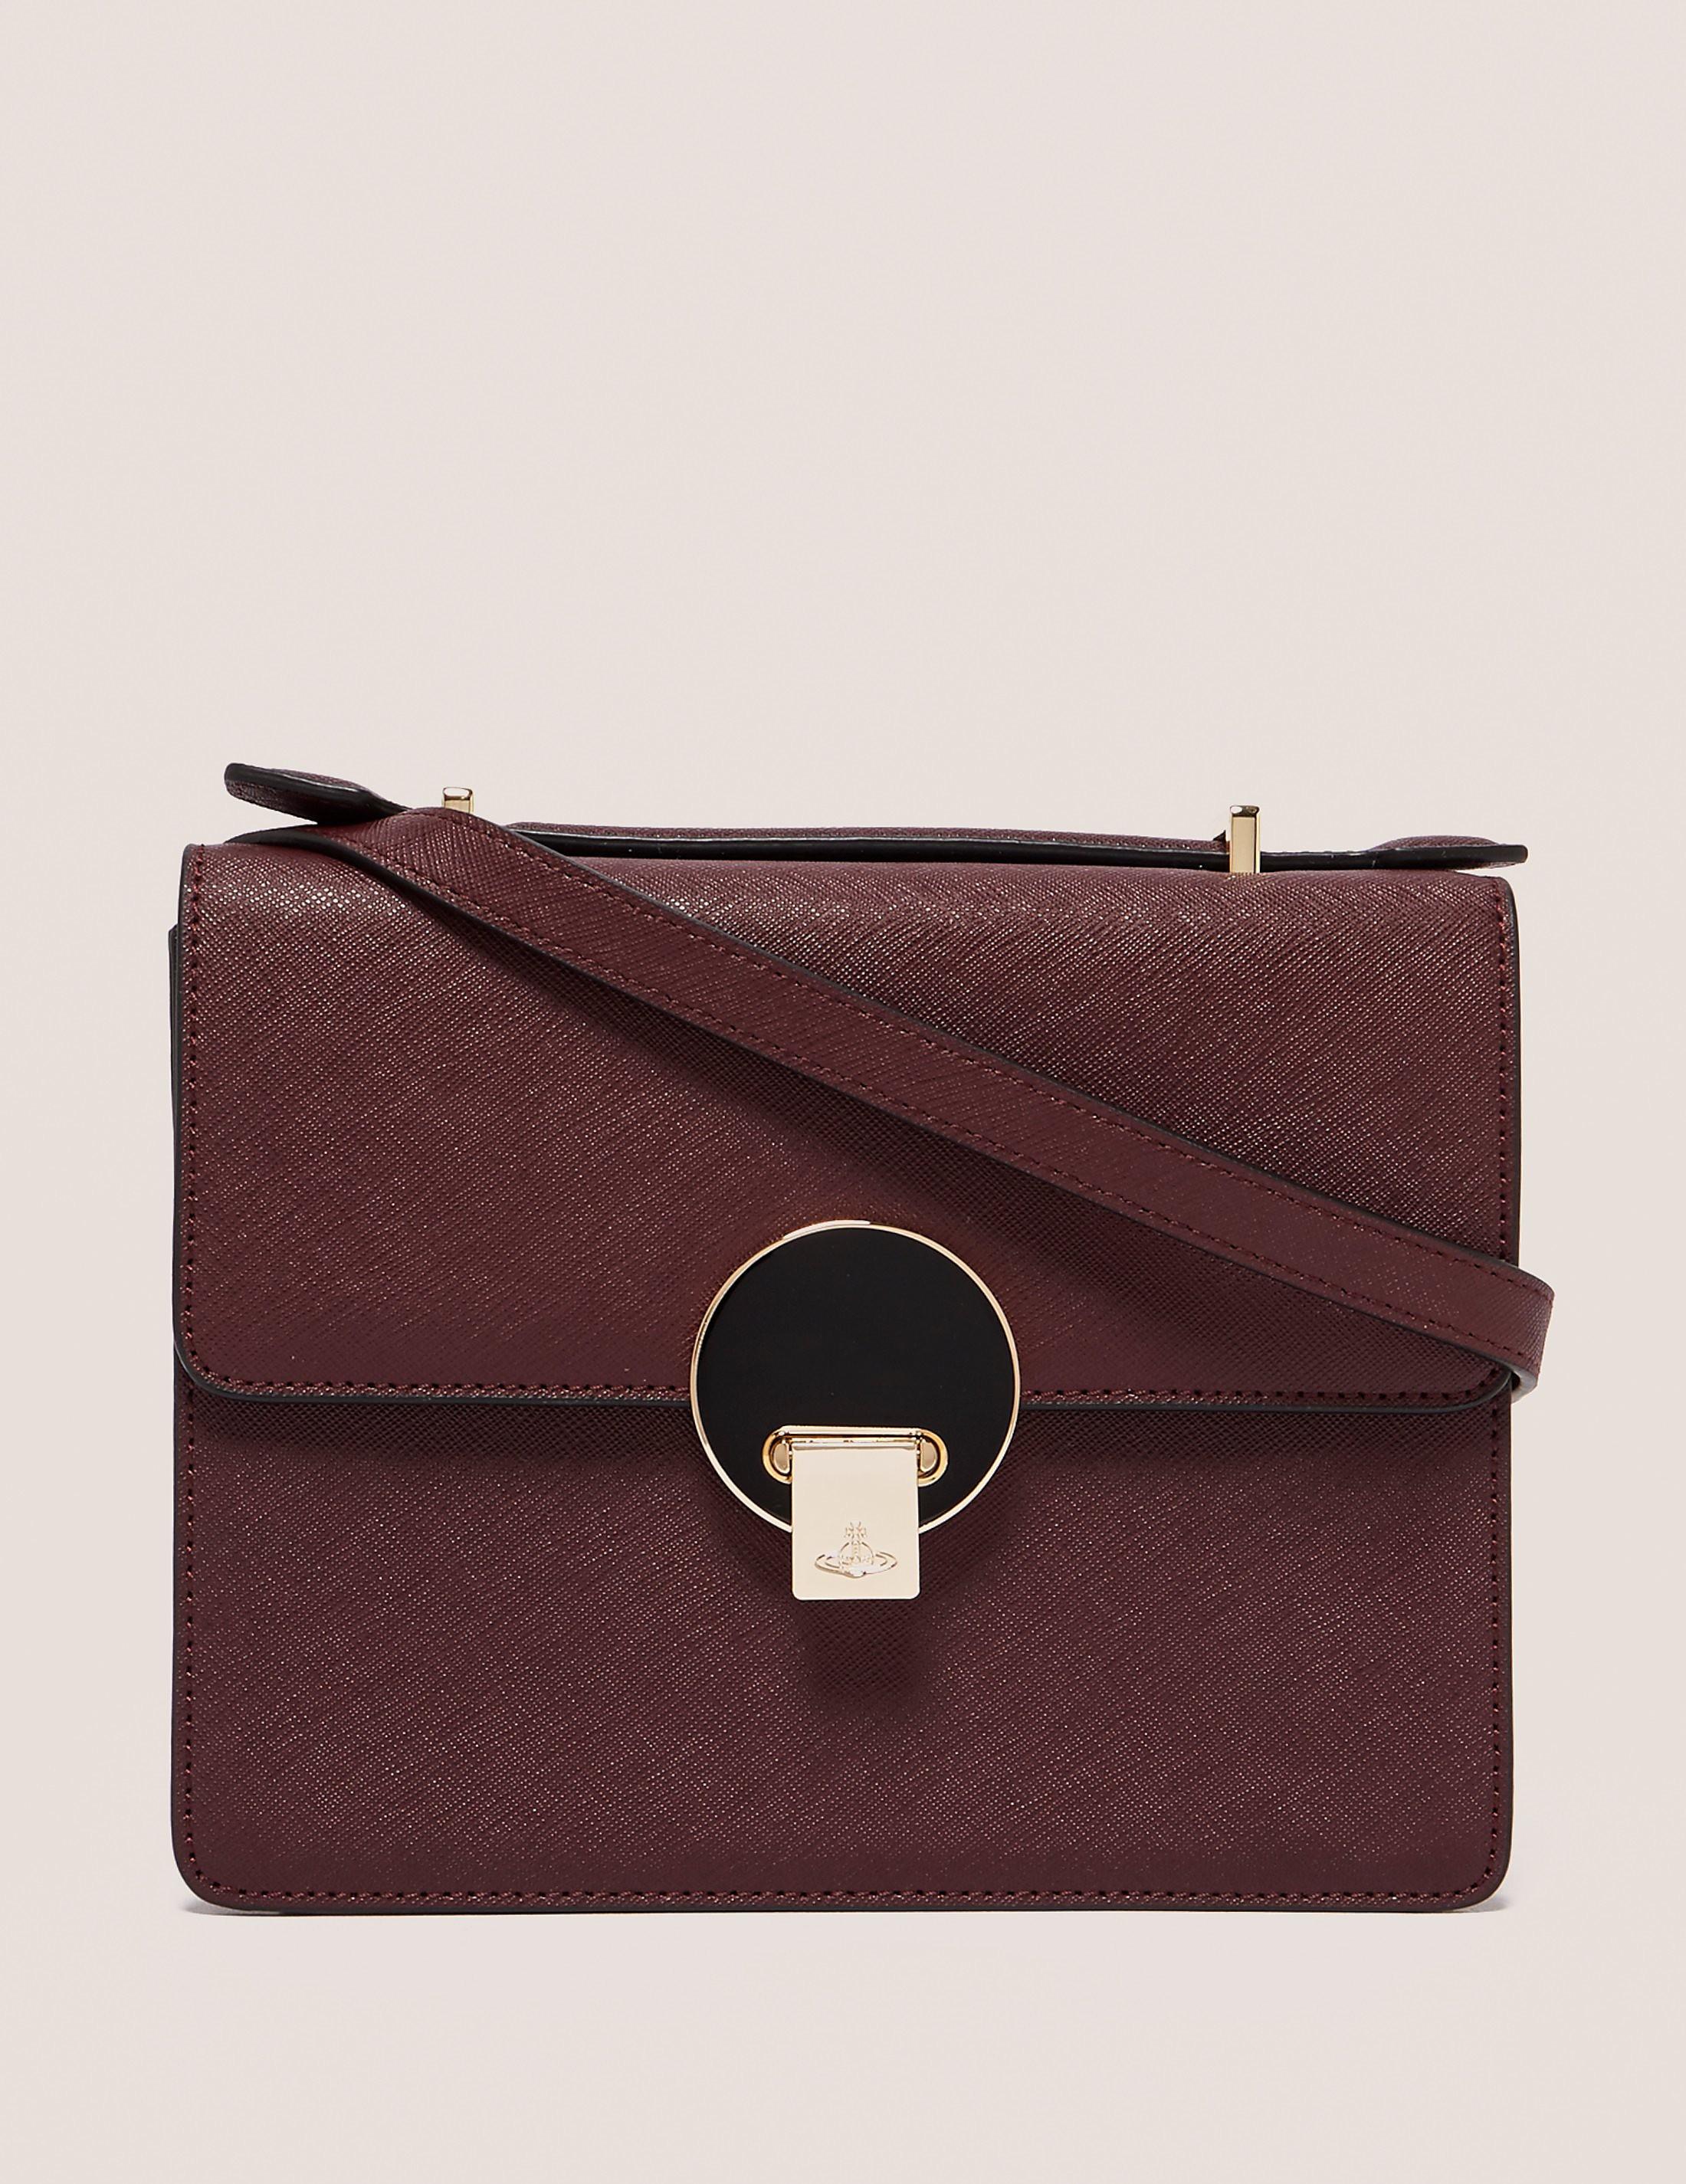 Vivienne Westwood Saffiano Shoulder Bag